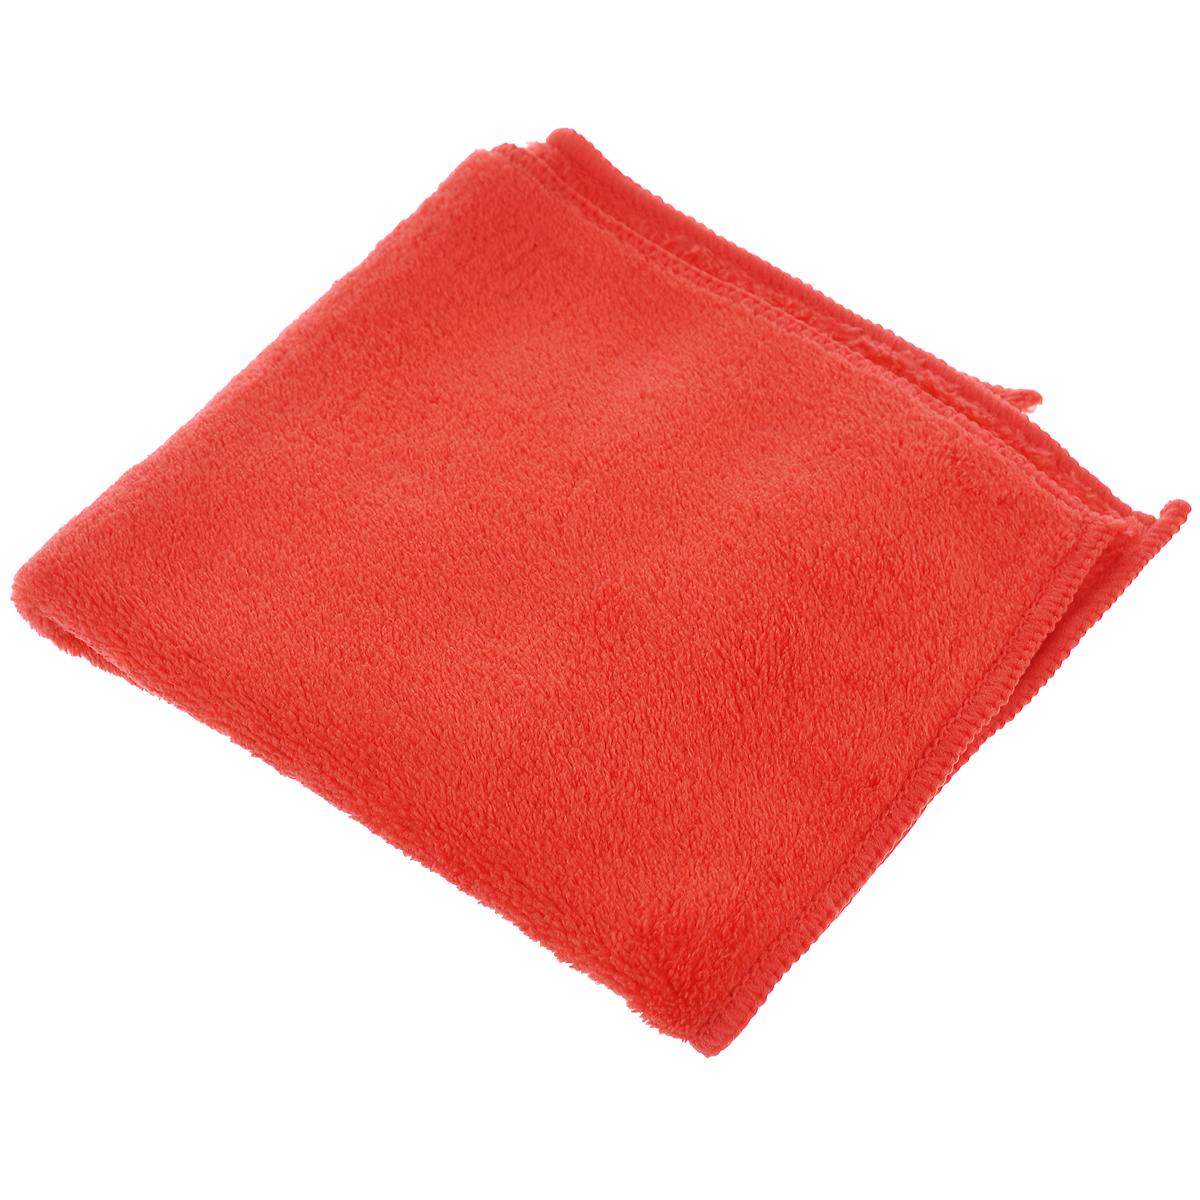 Салфетка для сухой уборки Celesta, из микрофибры, цвет: коралловый, 30 х 30 смVCA-00Салфетка из микрофибры Celesta идеально подходит для сухой уборки, отлично очищает пыль на полированных поверхностях. После обработки салфеткой поверхность становится антистатической и пыль в дальнейшем на нее осаждается меньше. Состав: полиэстер 100%.Размер салфетки: 30 см х 30 см.